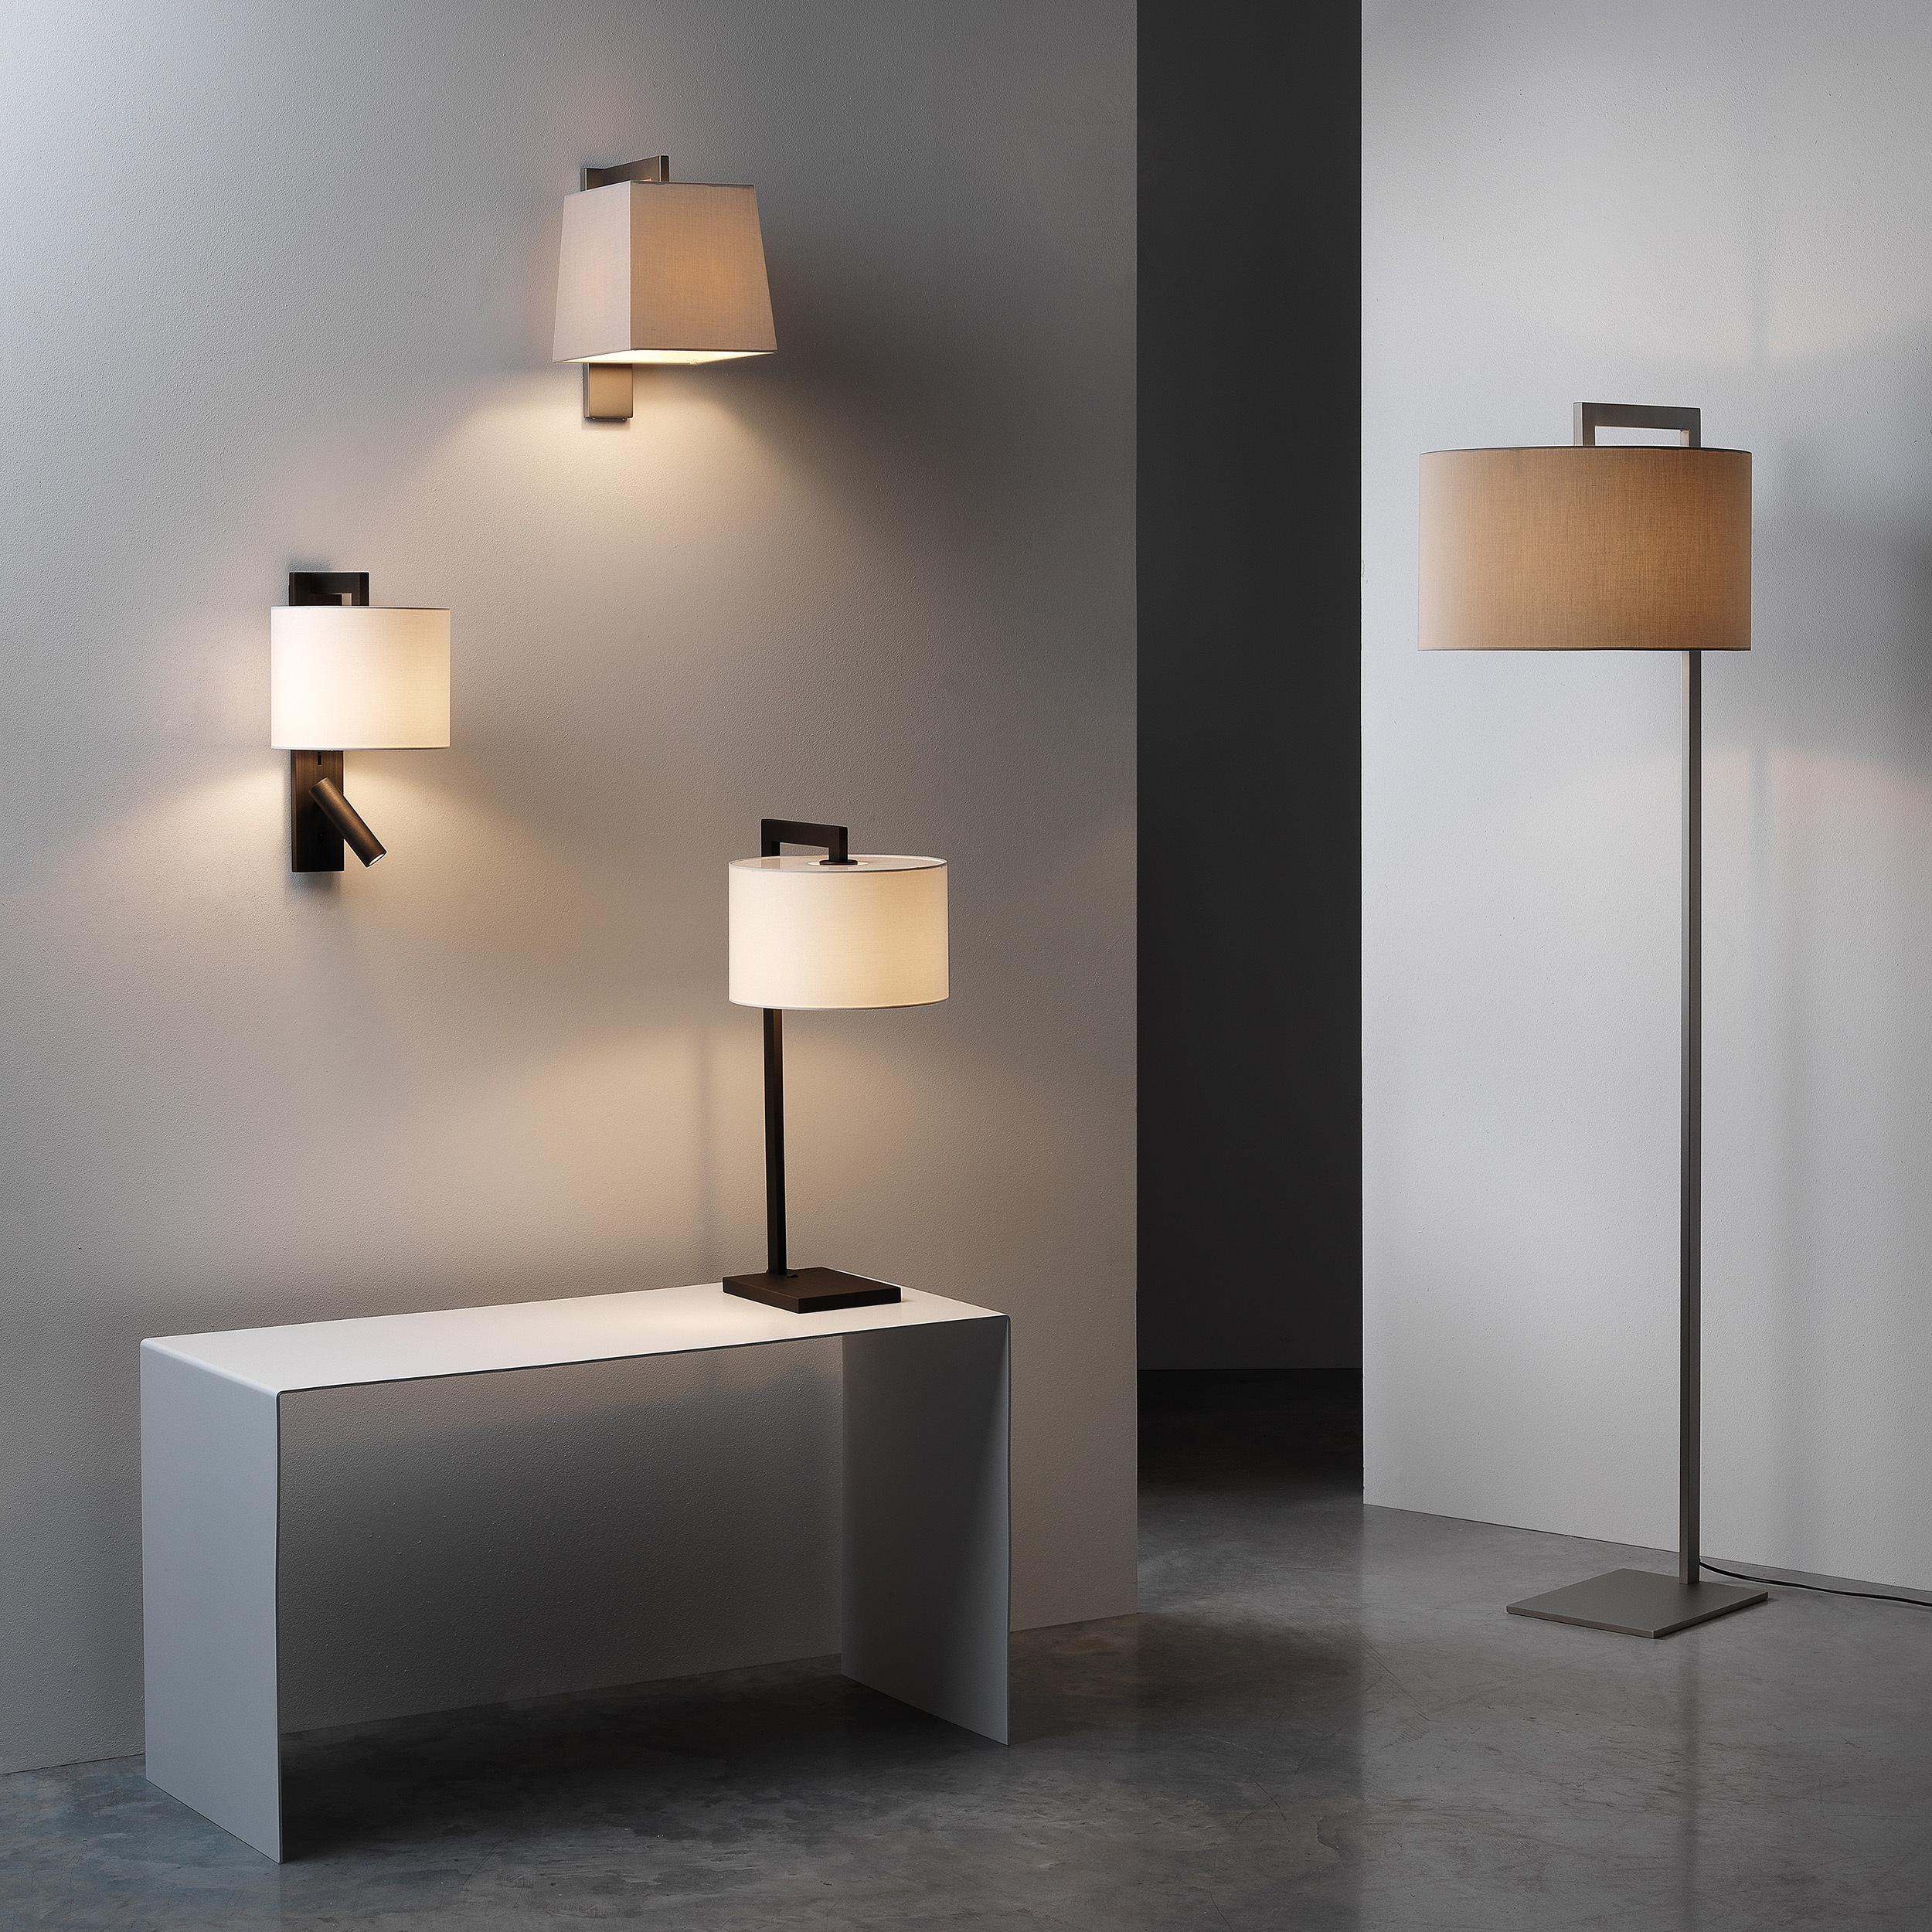 Основание настольной лампы Astro Ravello 1222008 (4555), 1xE27x60W, никель, металл - фото 5